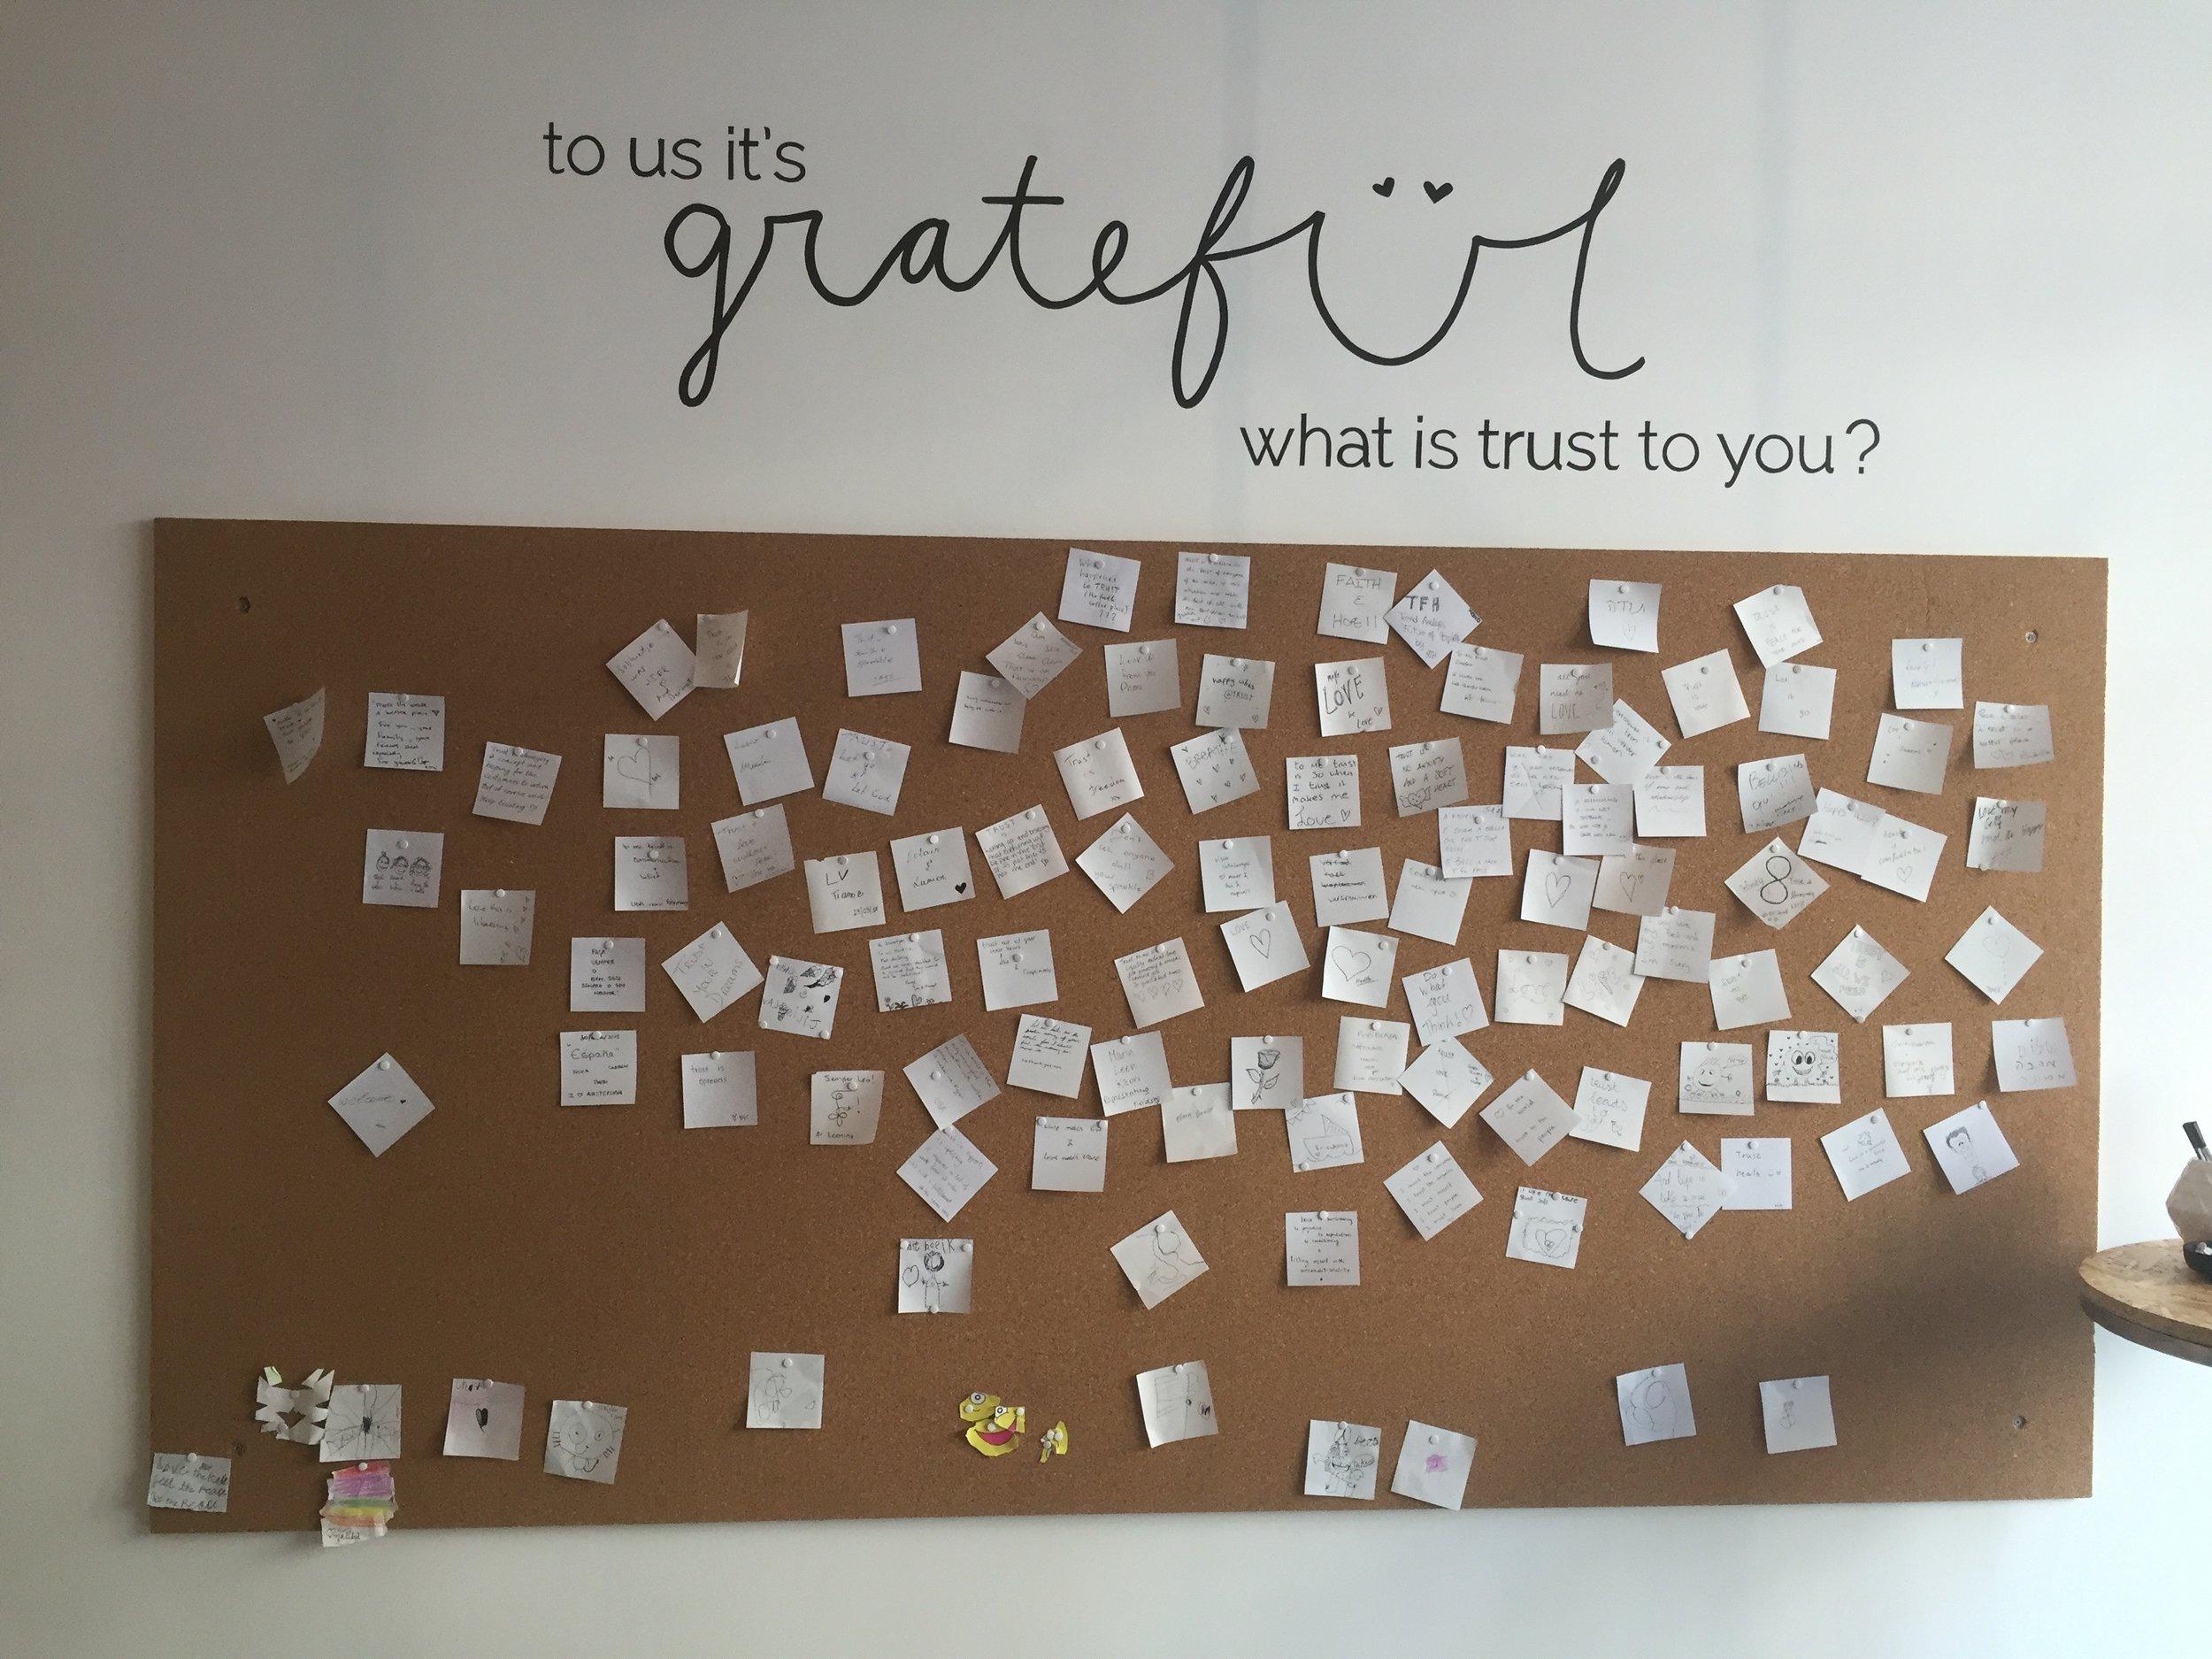 gratitude wall trust.jpg